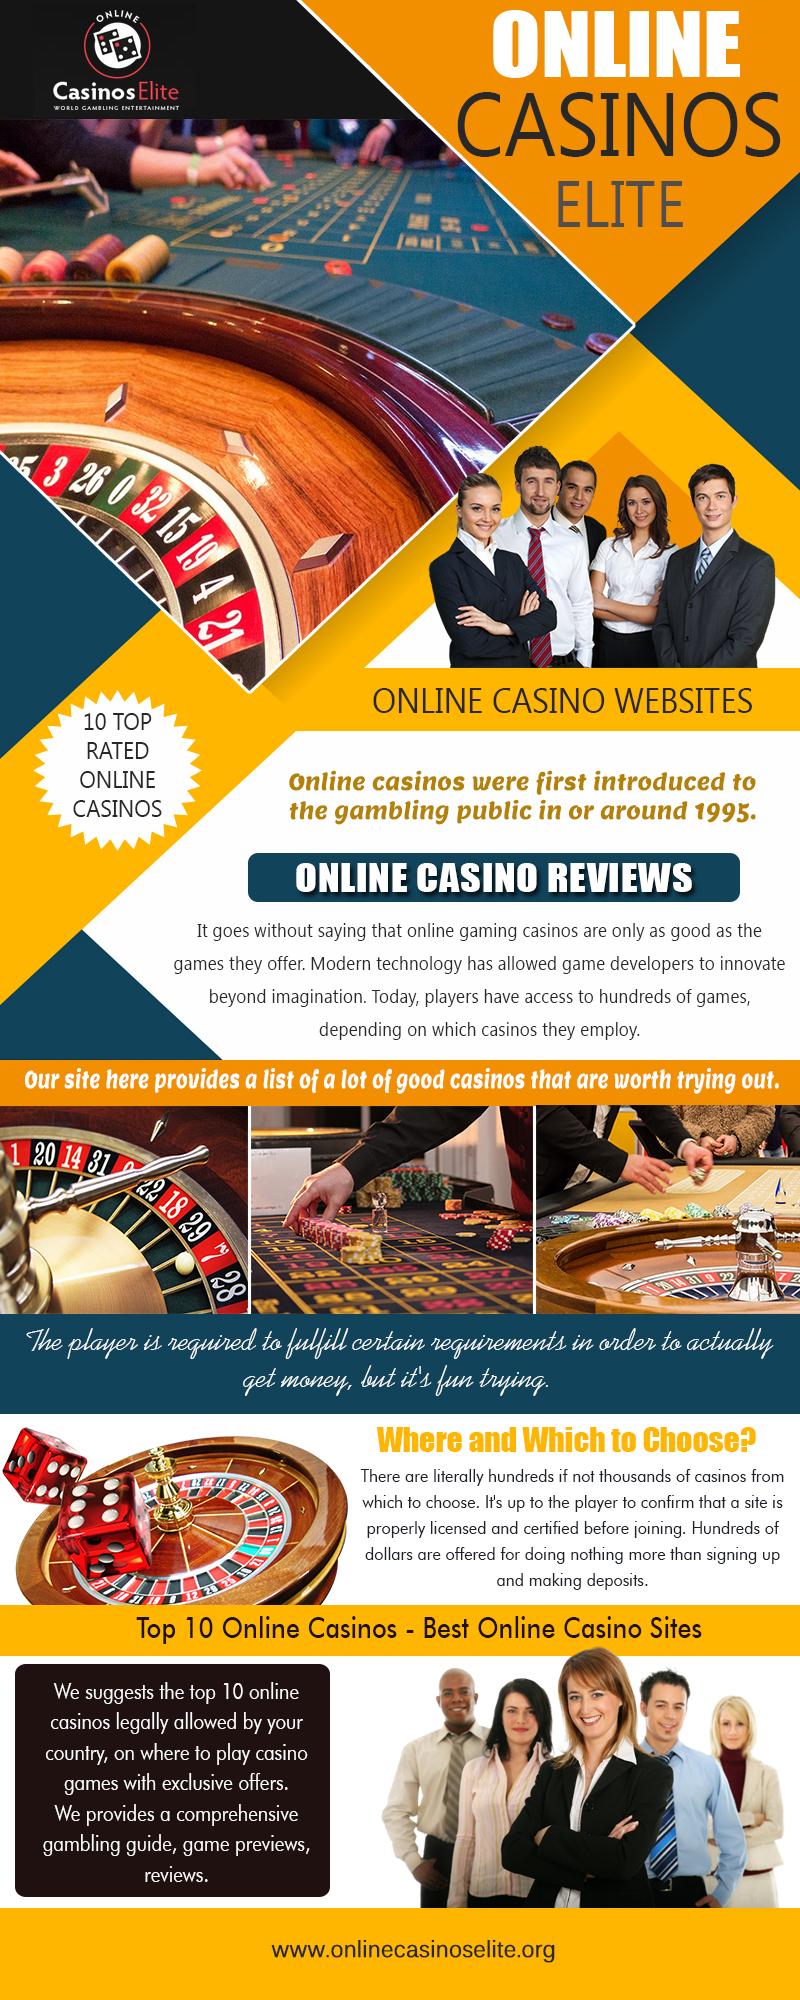 Online Casinos Elite